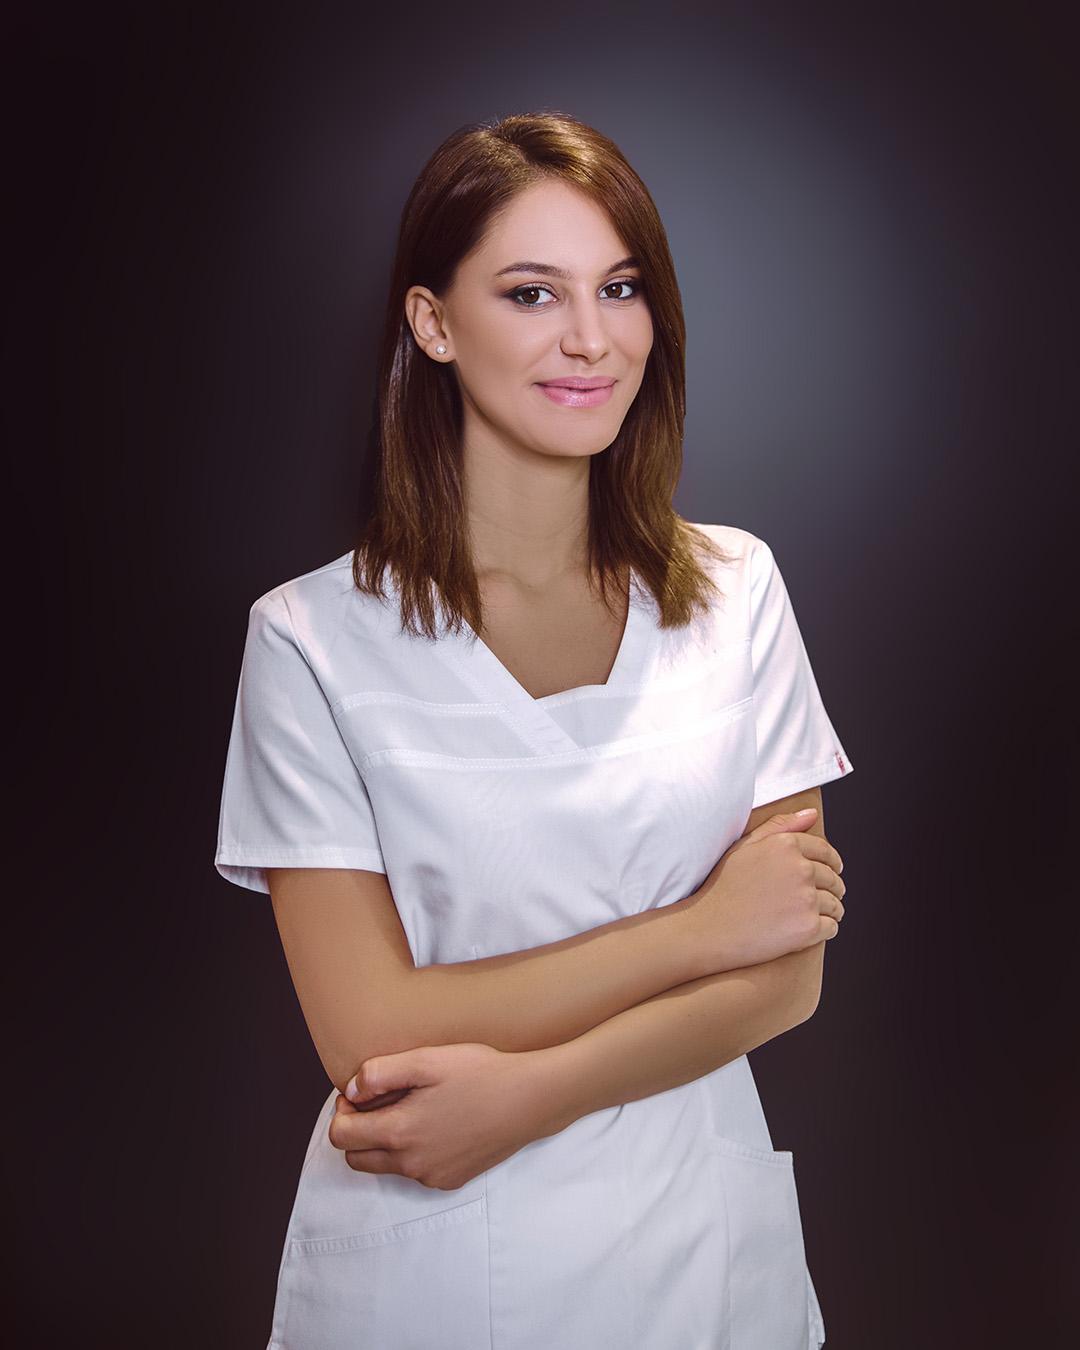 Jovana Đokić - Rejuva ordinacija za estetsku medicinu, Beograd.